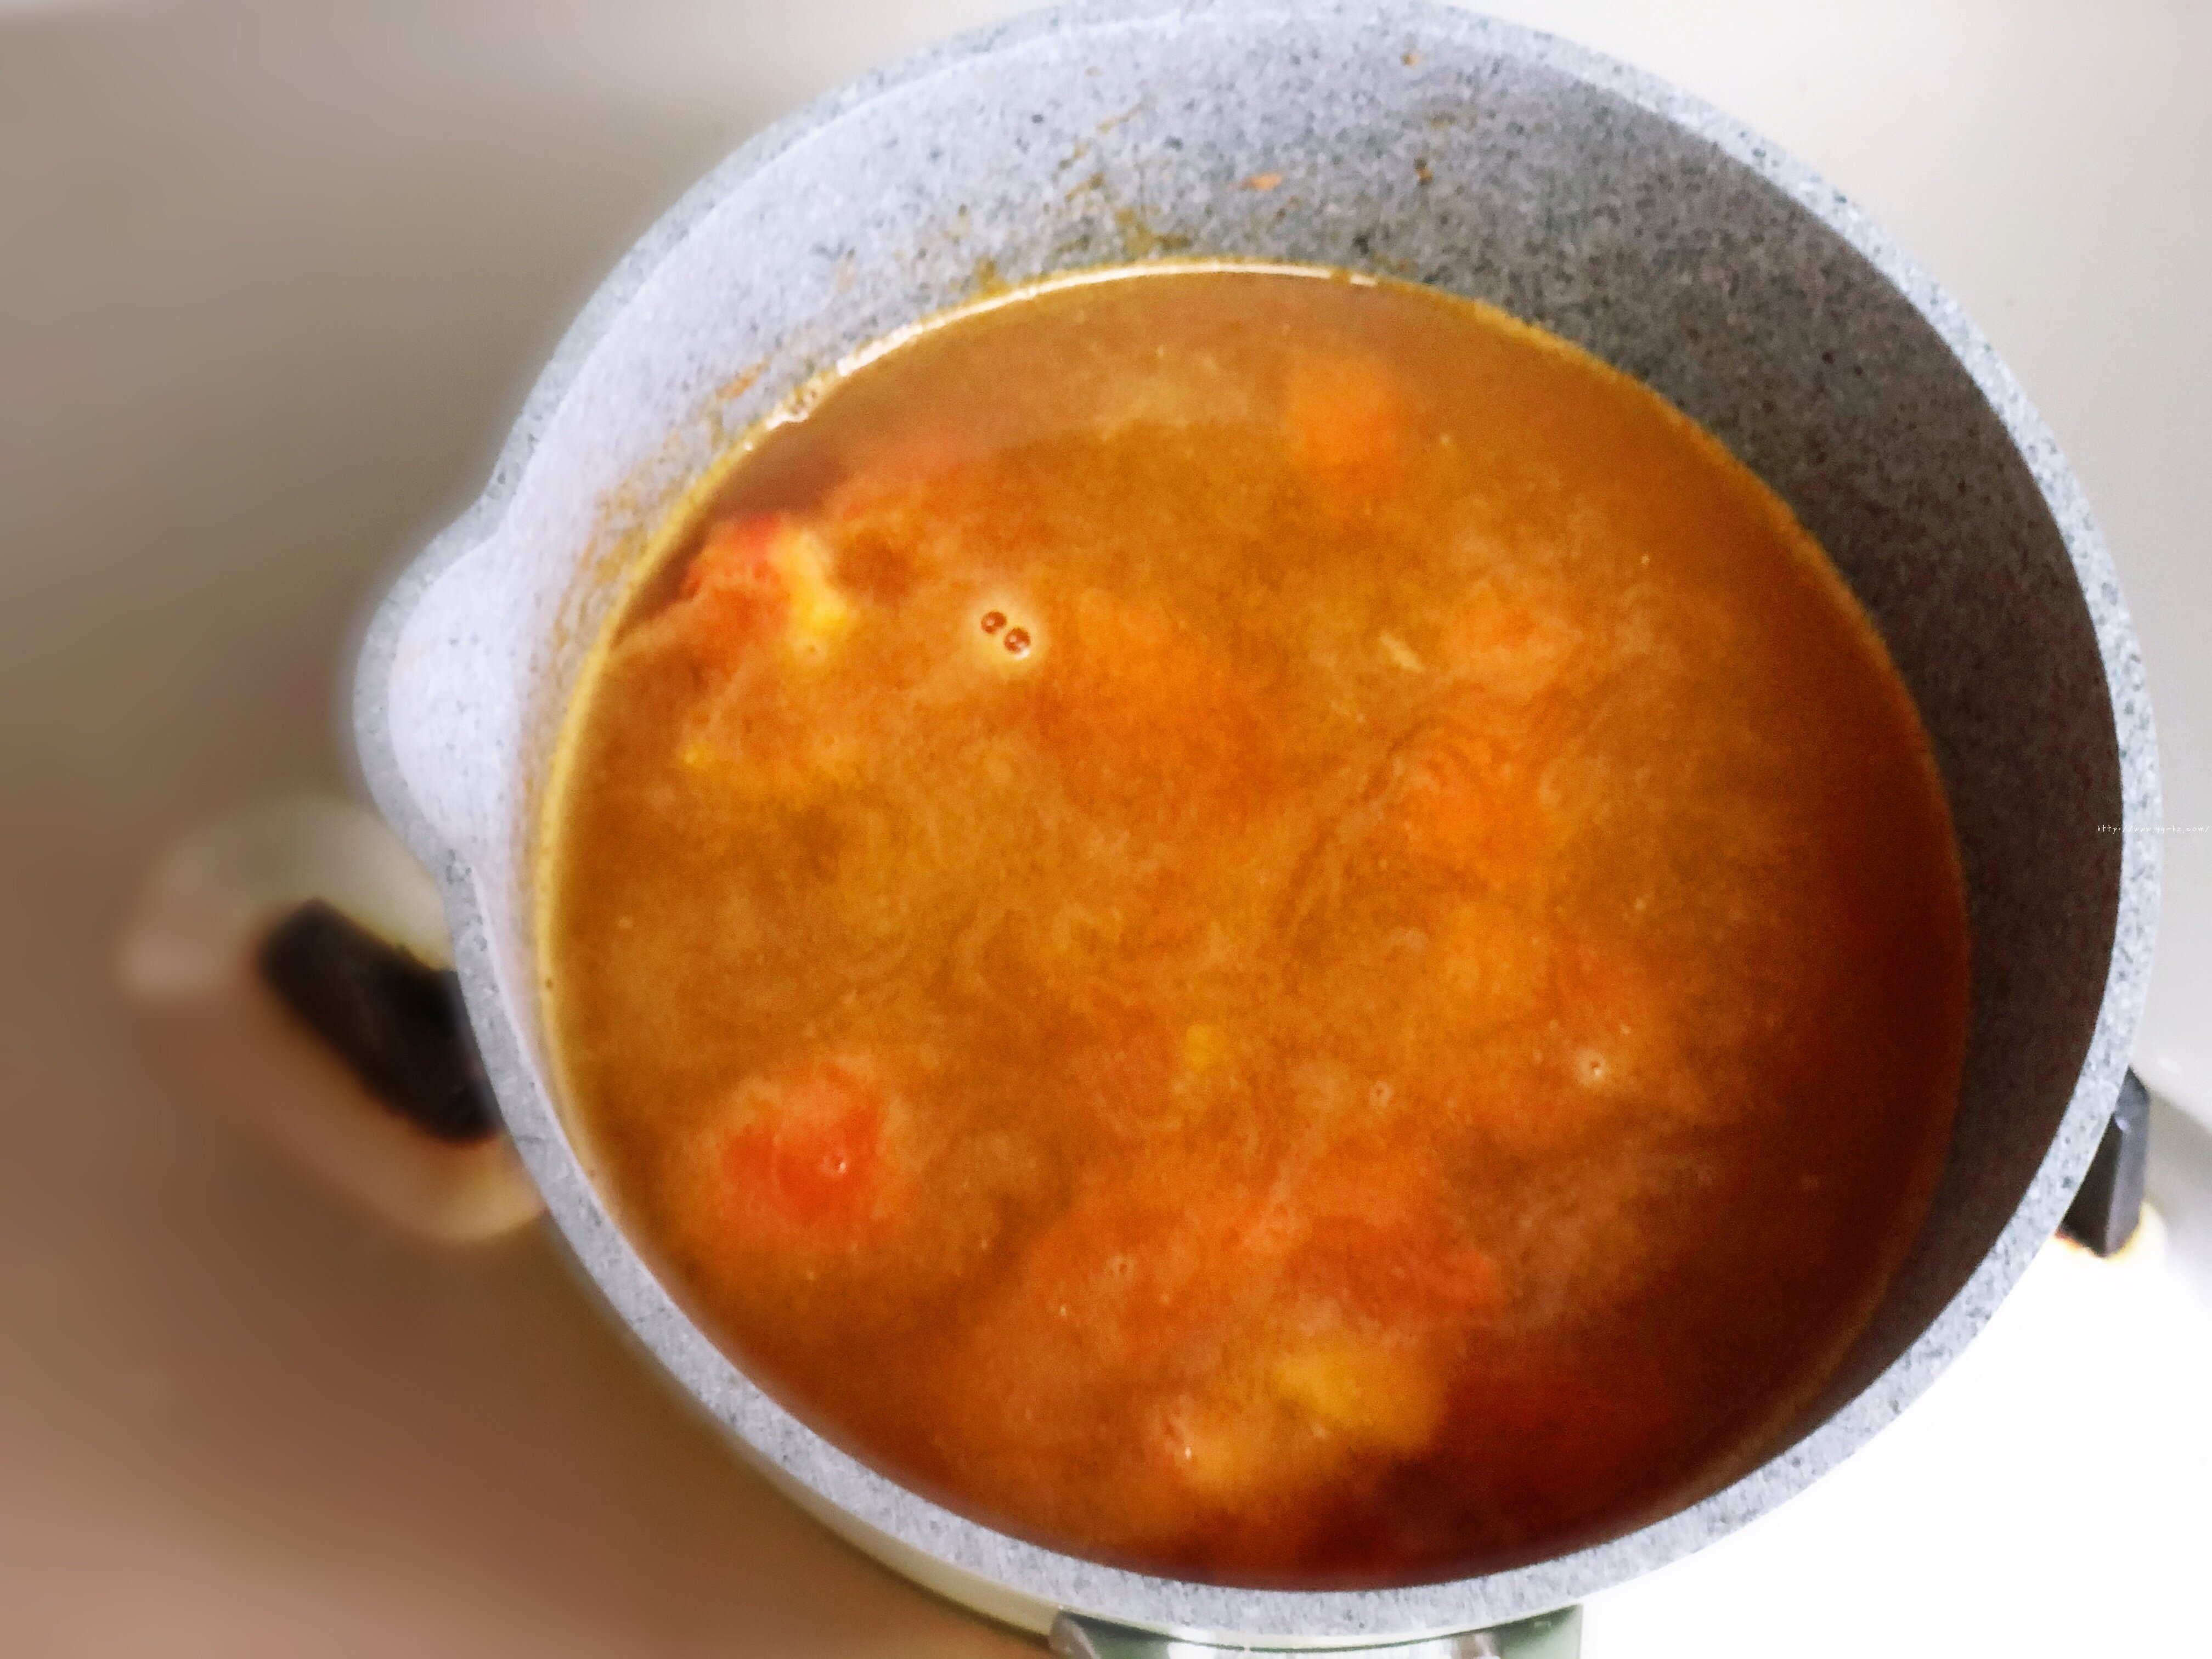 超好吃的西红柿浓汤泡面的做法 步骤3